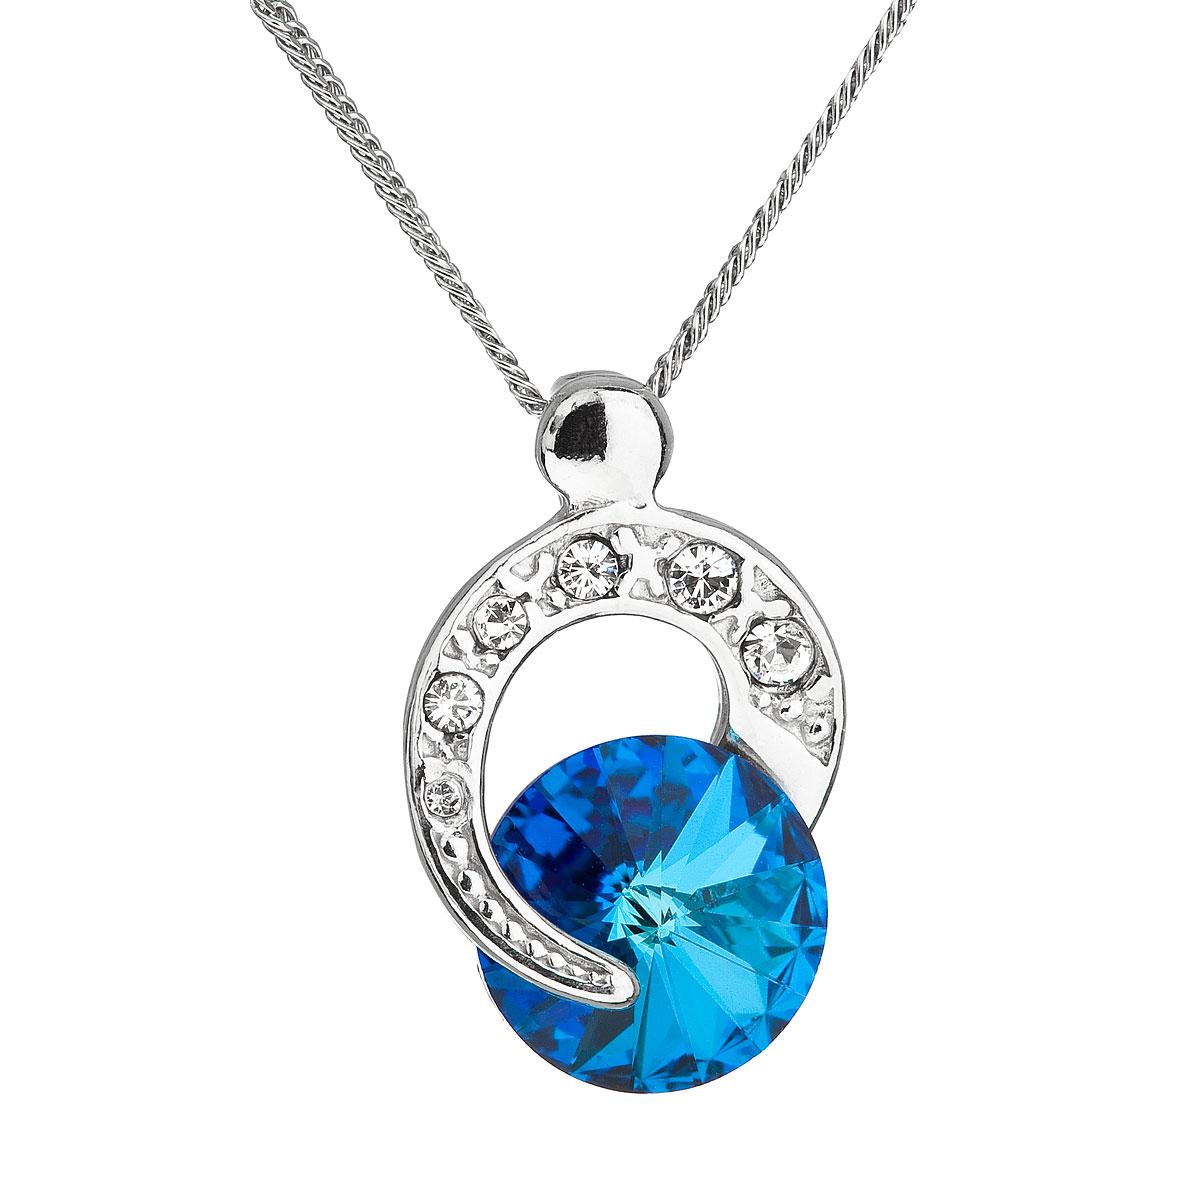 Strieborný náhrdelník s krištálom Swarovski modrý okrúhly 32048.5